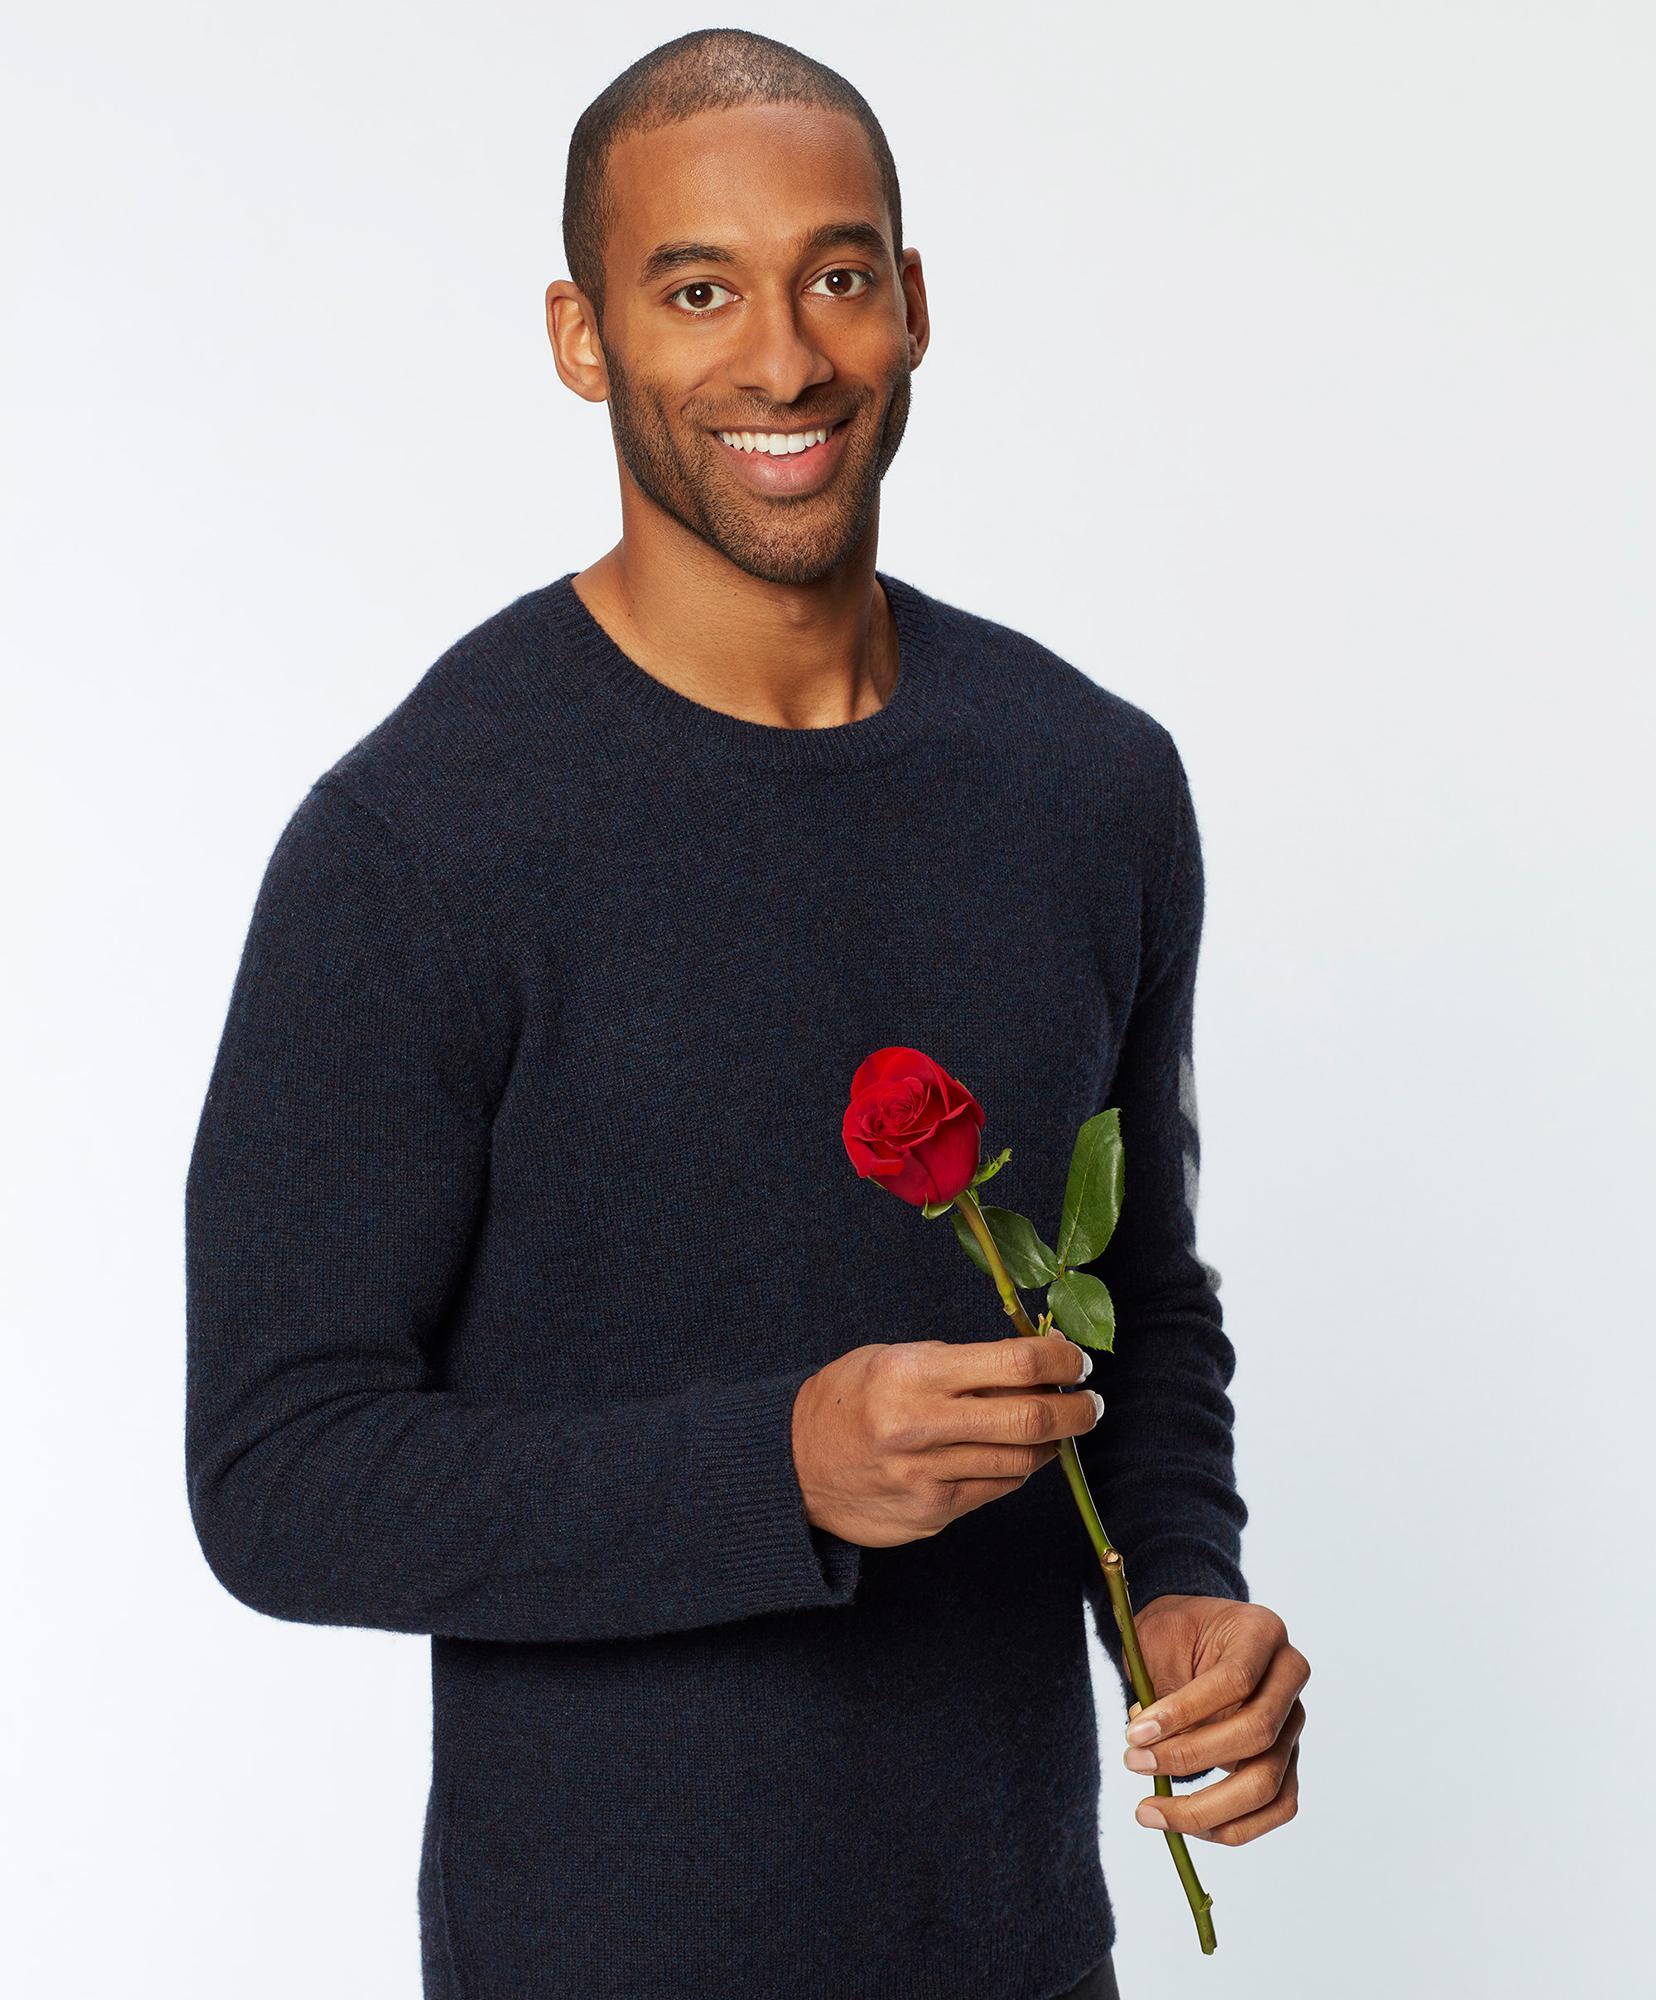 The Bachelor Matt James as franchise 1st black bachelor